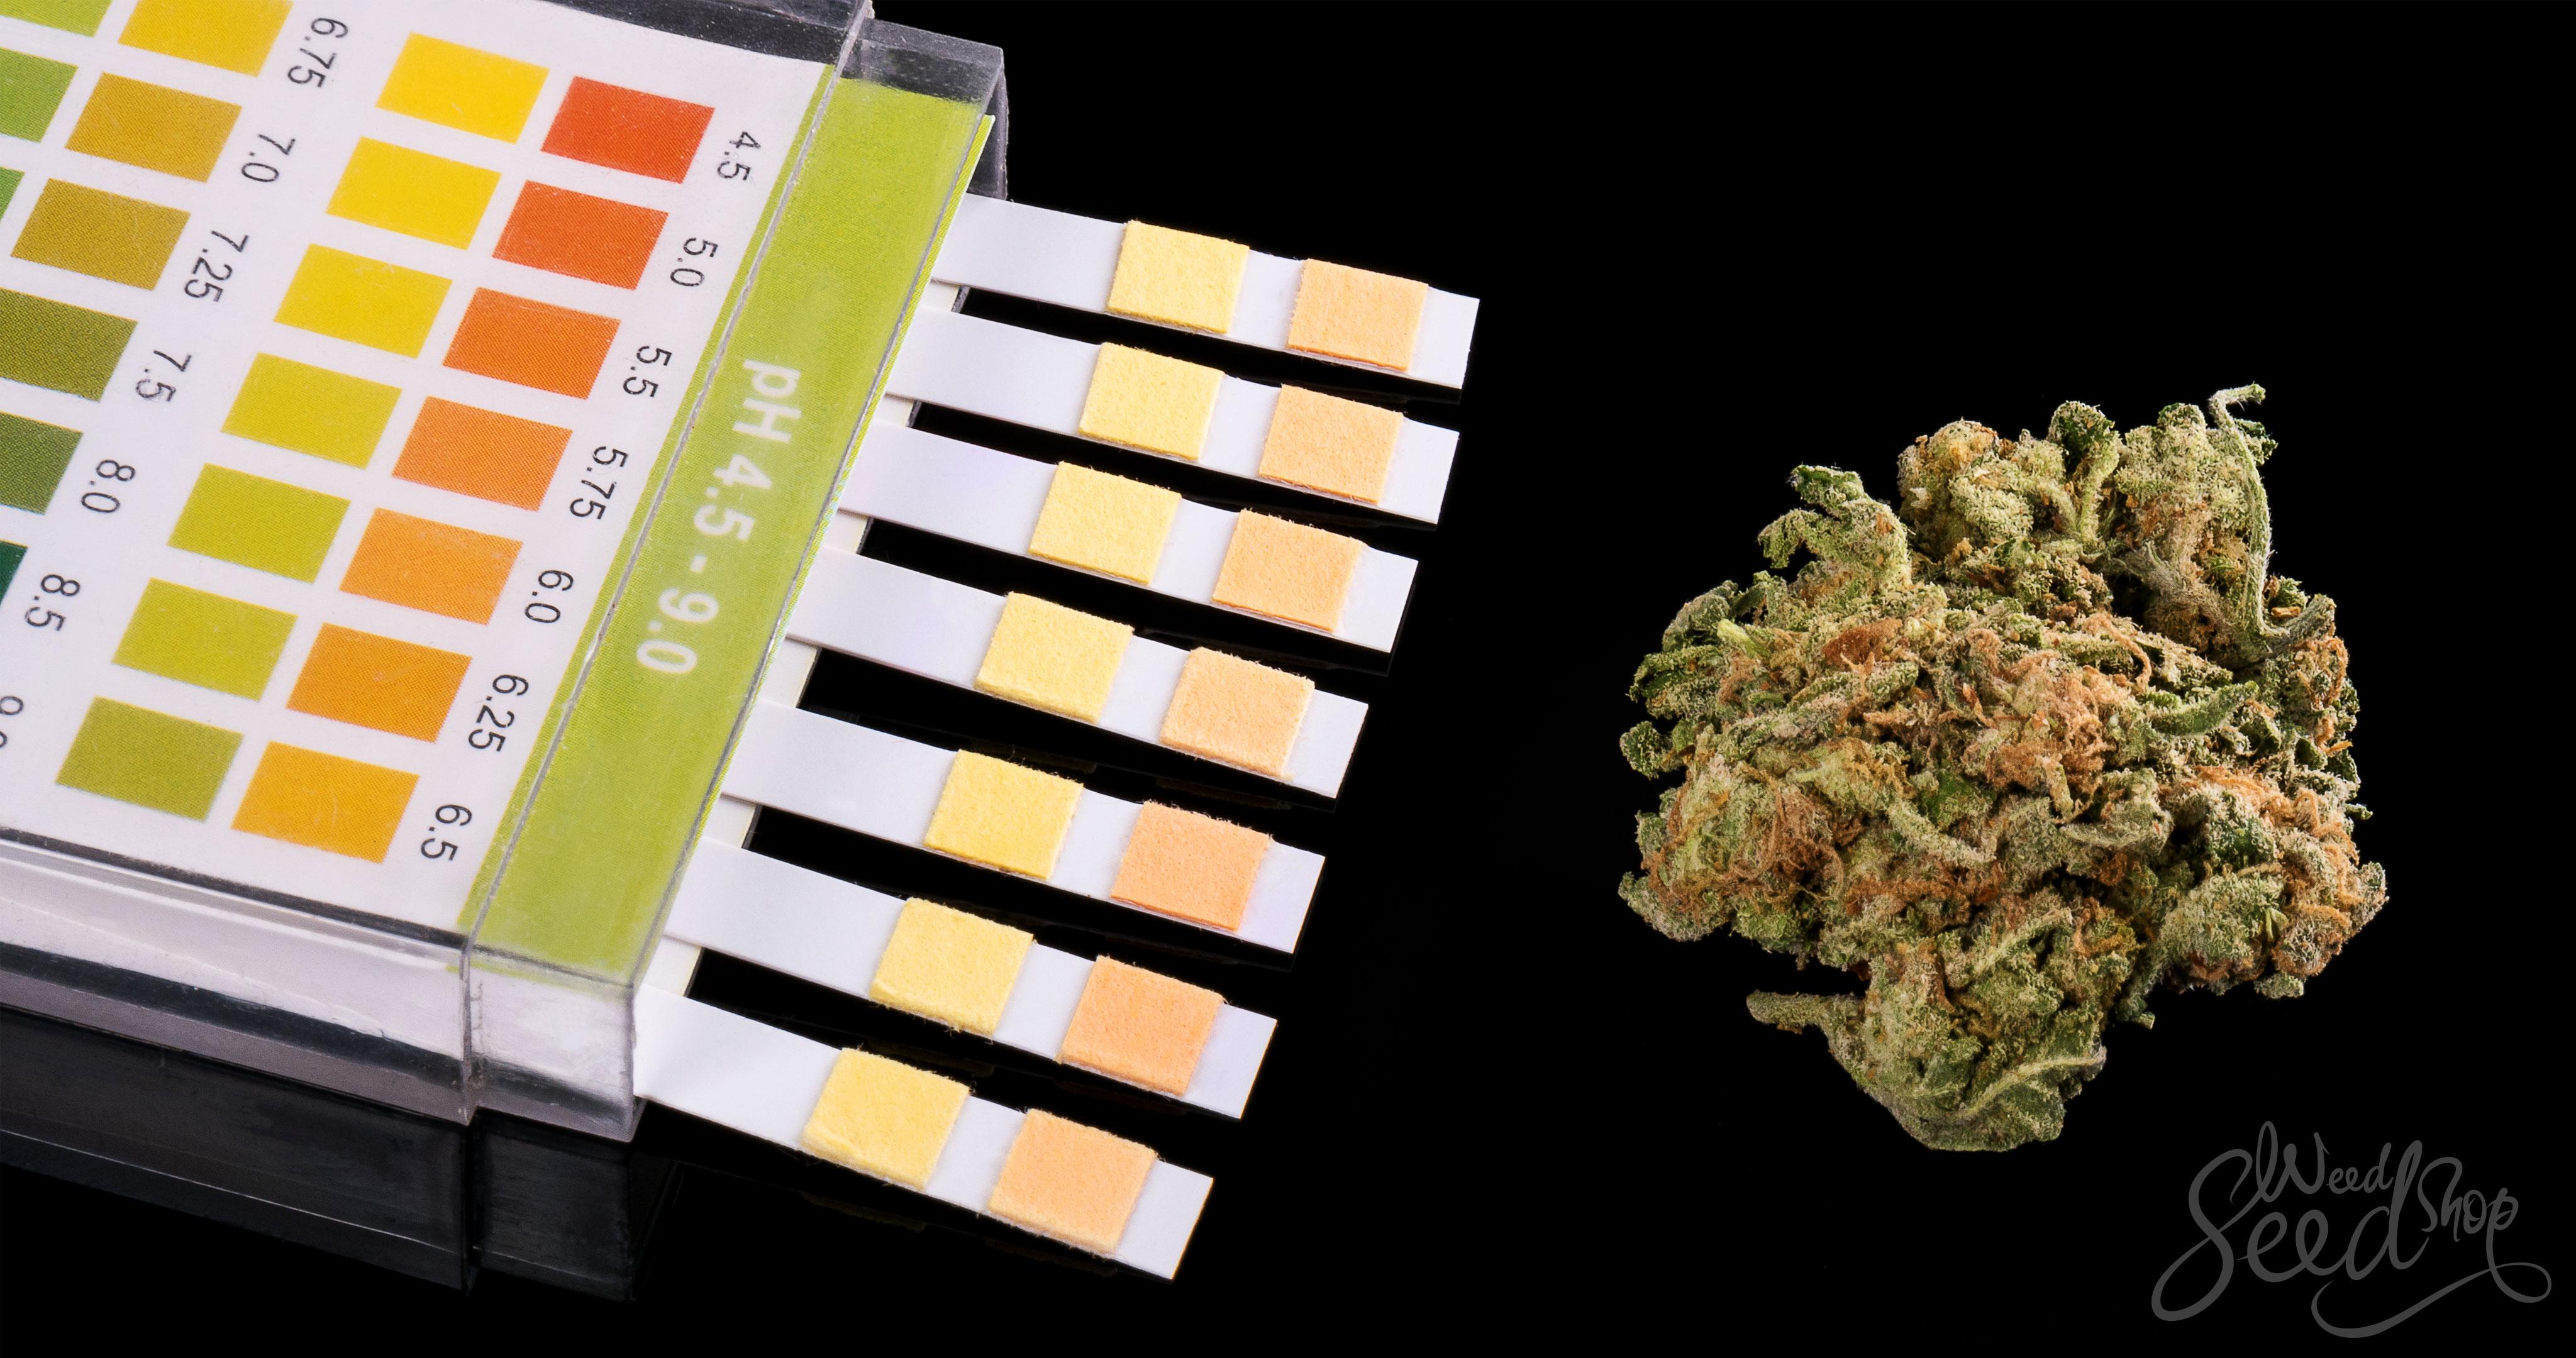 Comment réussir un test de dépistage de THC - WeedSeedShop